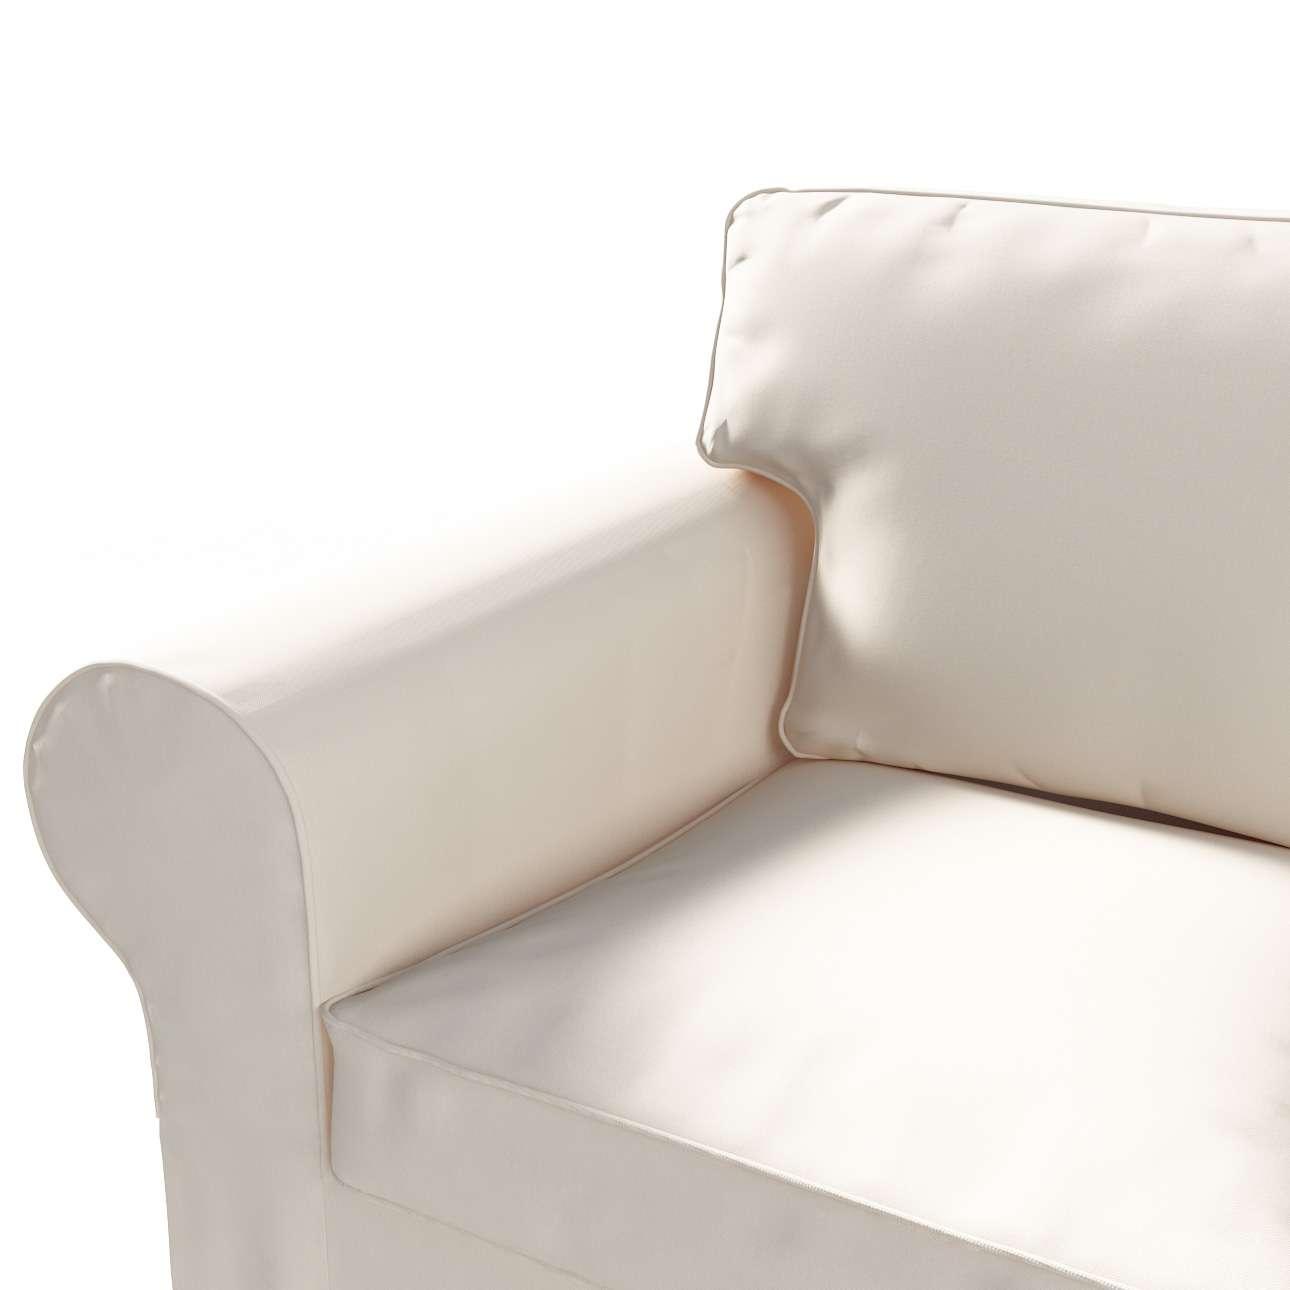 Ektorp trekk 3 seter sovesofa uten boks fra kolleksjonen Etna - Ikke for gardiner, Stoffets bredde: 705-01